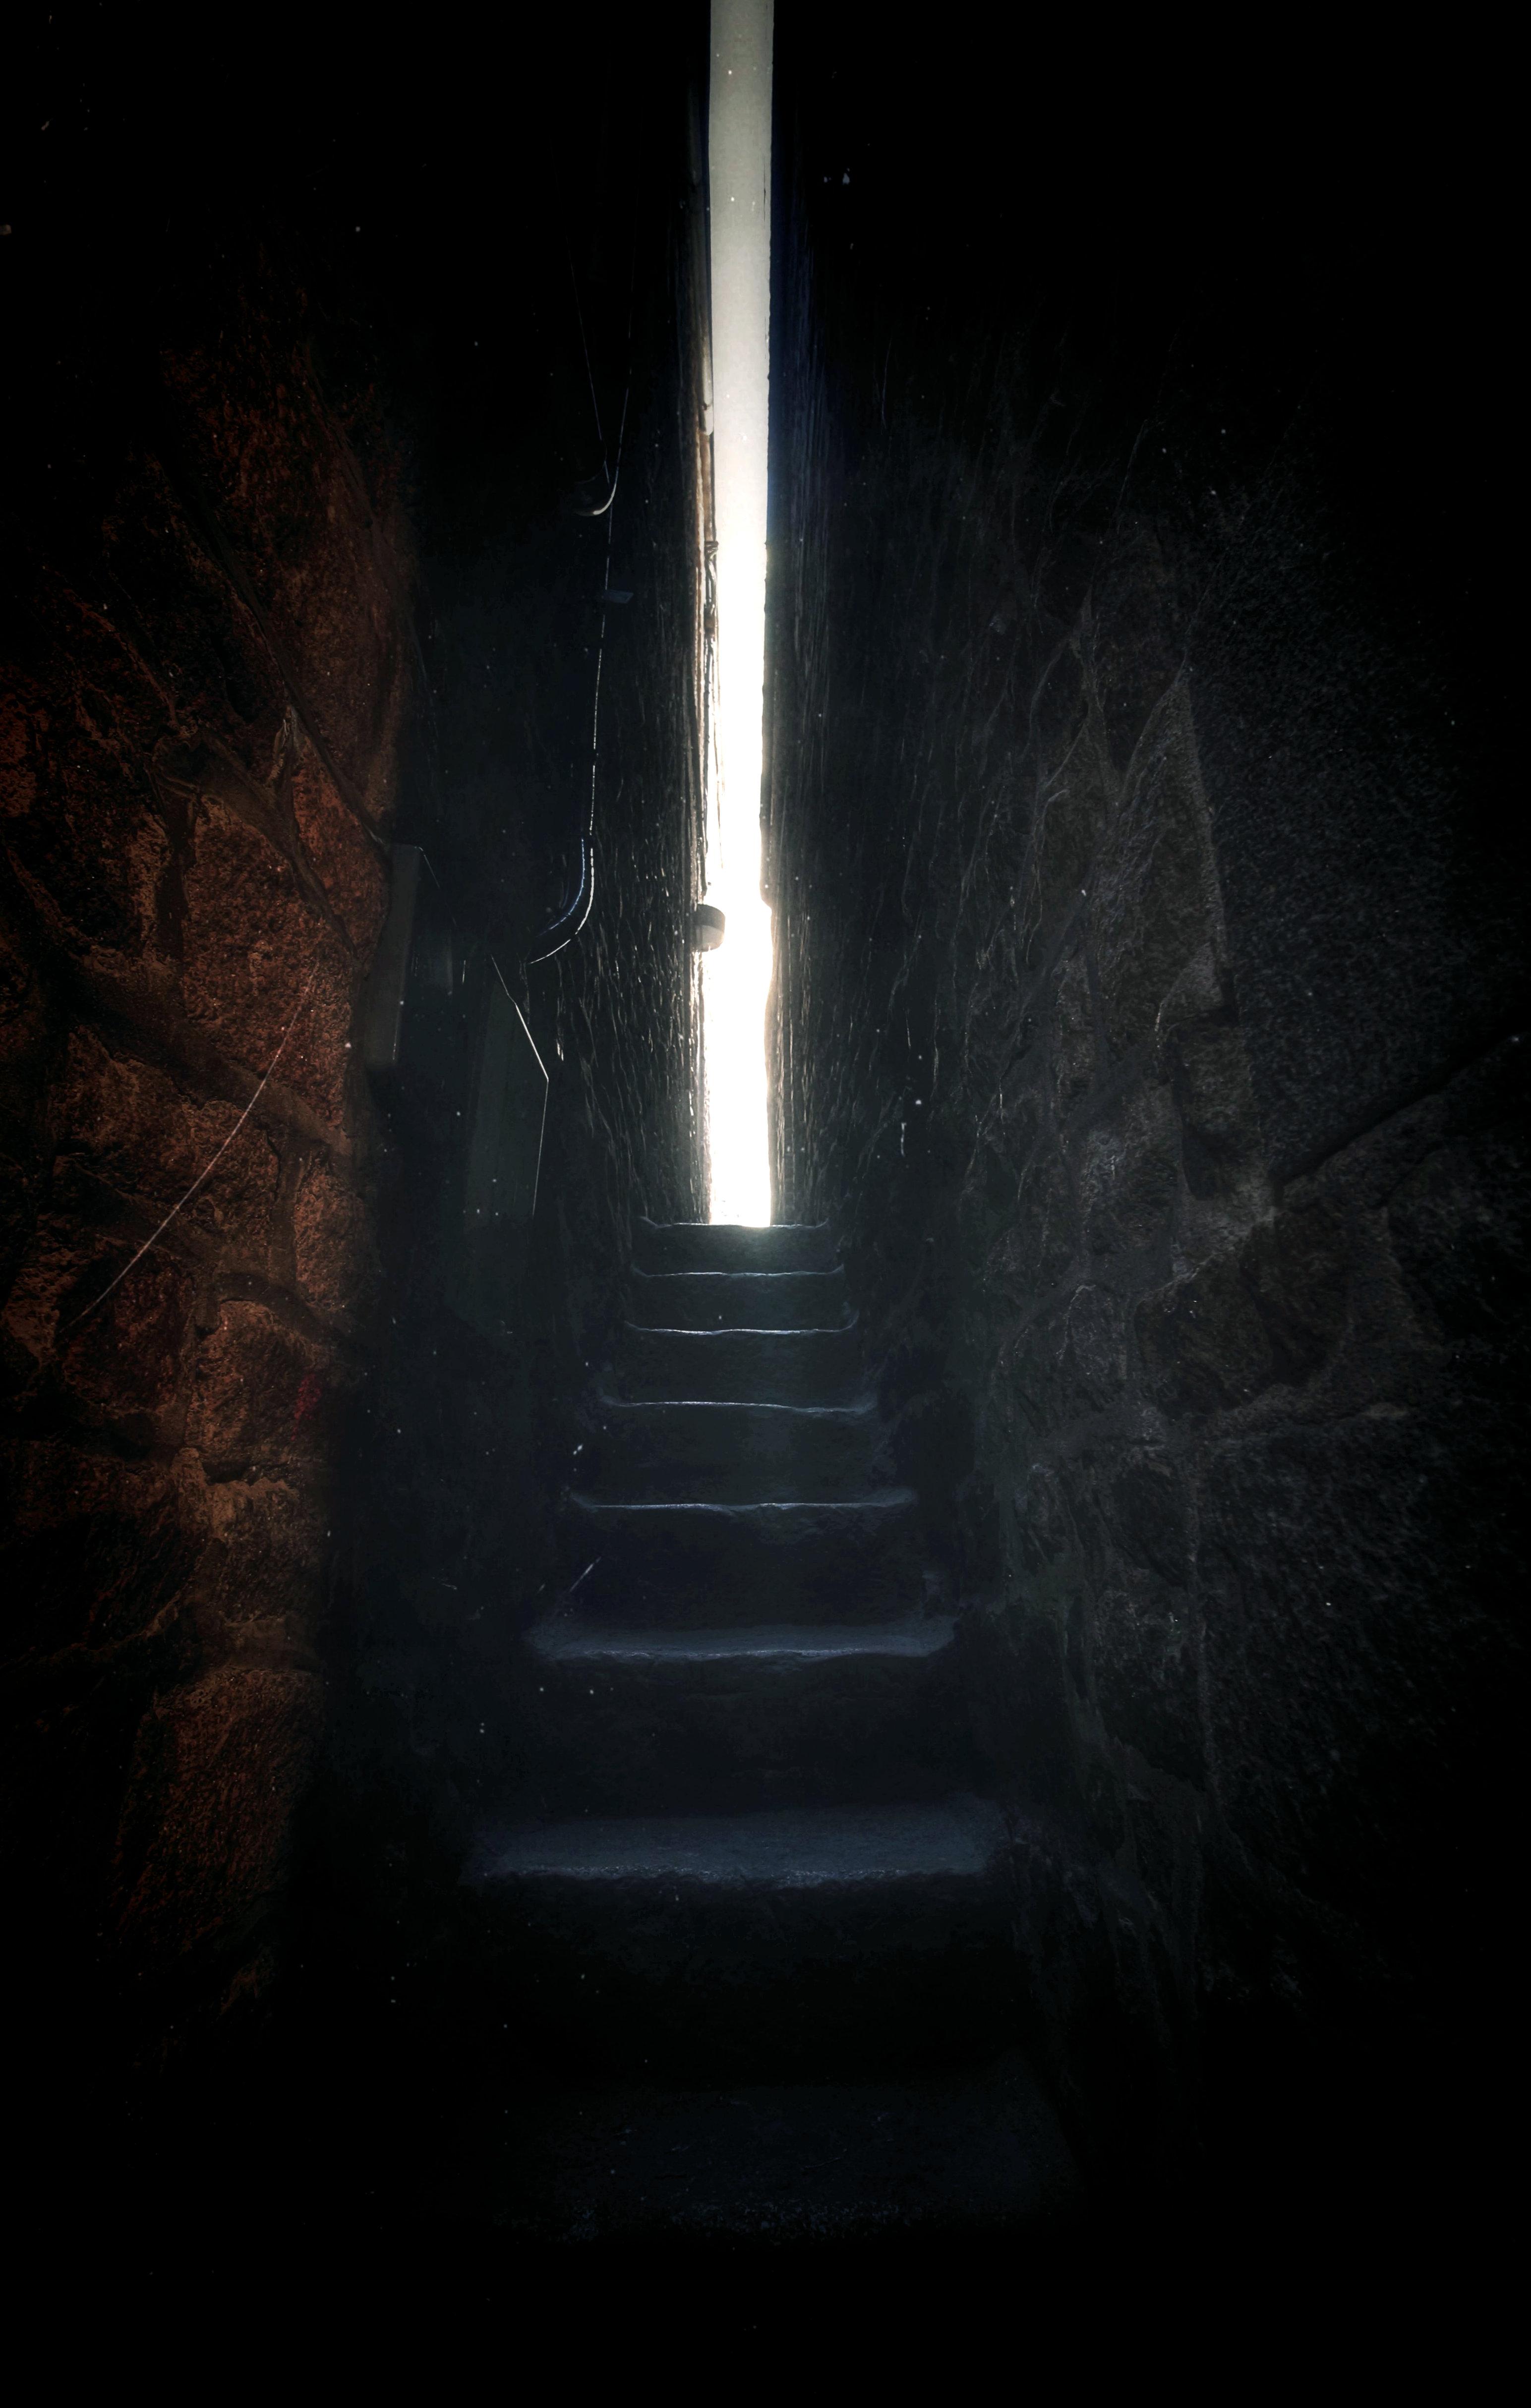 140260 papel de parede 320x480 em seu telefone gratuitamente, baixe imagens Escuro, Paredes, Brilhar, Luz, Escadaria, Escada, Sombrio, Fenda 320x480 em seu celular